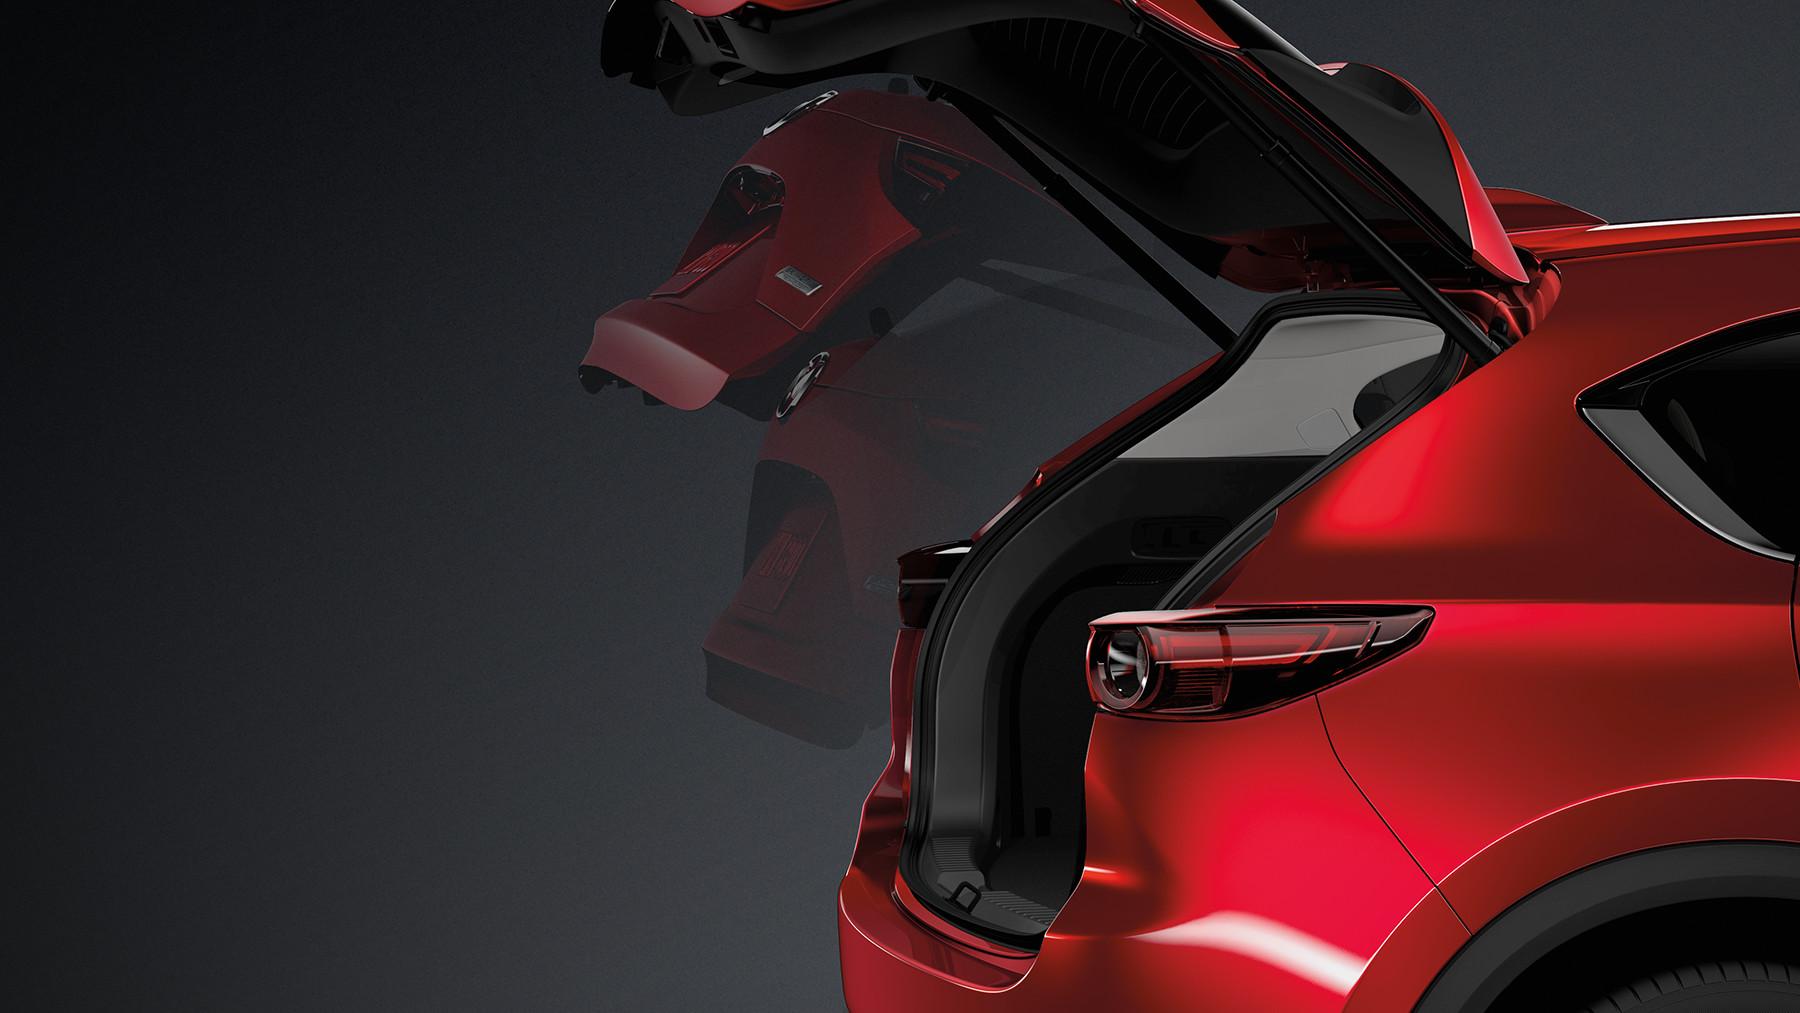 Mazda Capital Services >> 2017 Mazda CX-5 Crossover - Pictures & Videos   Mazda USA